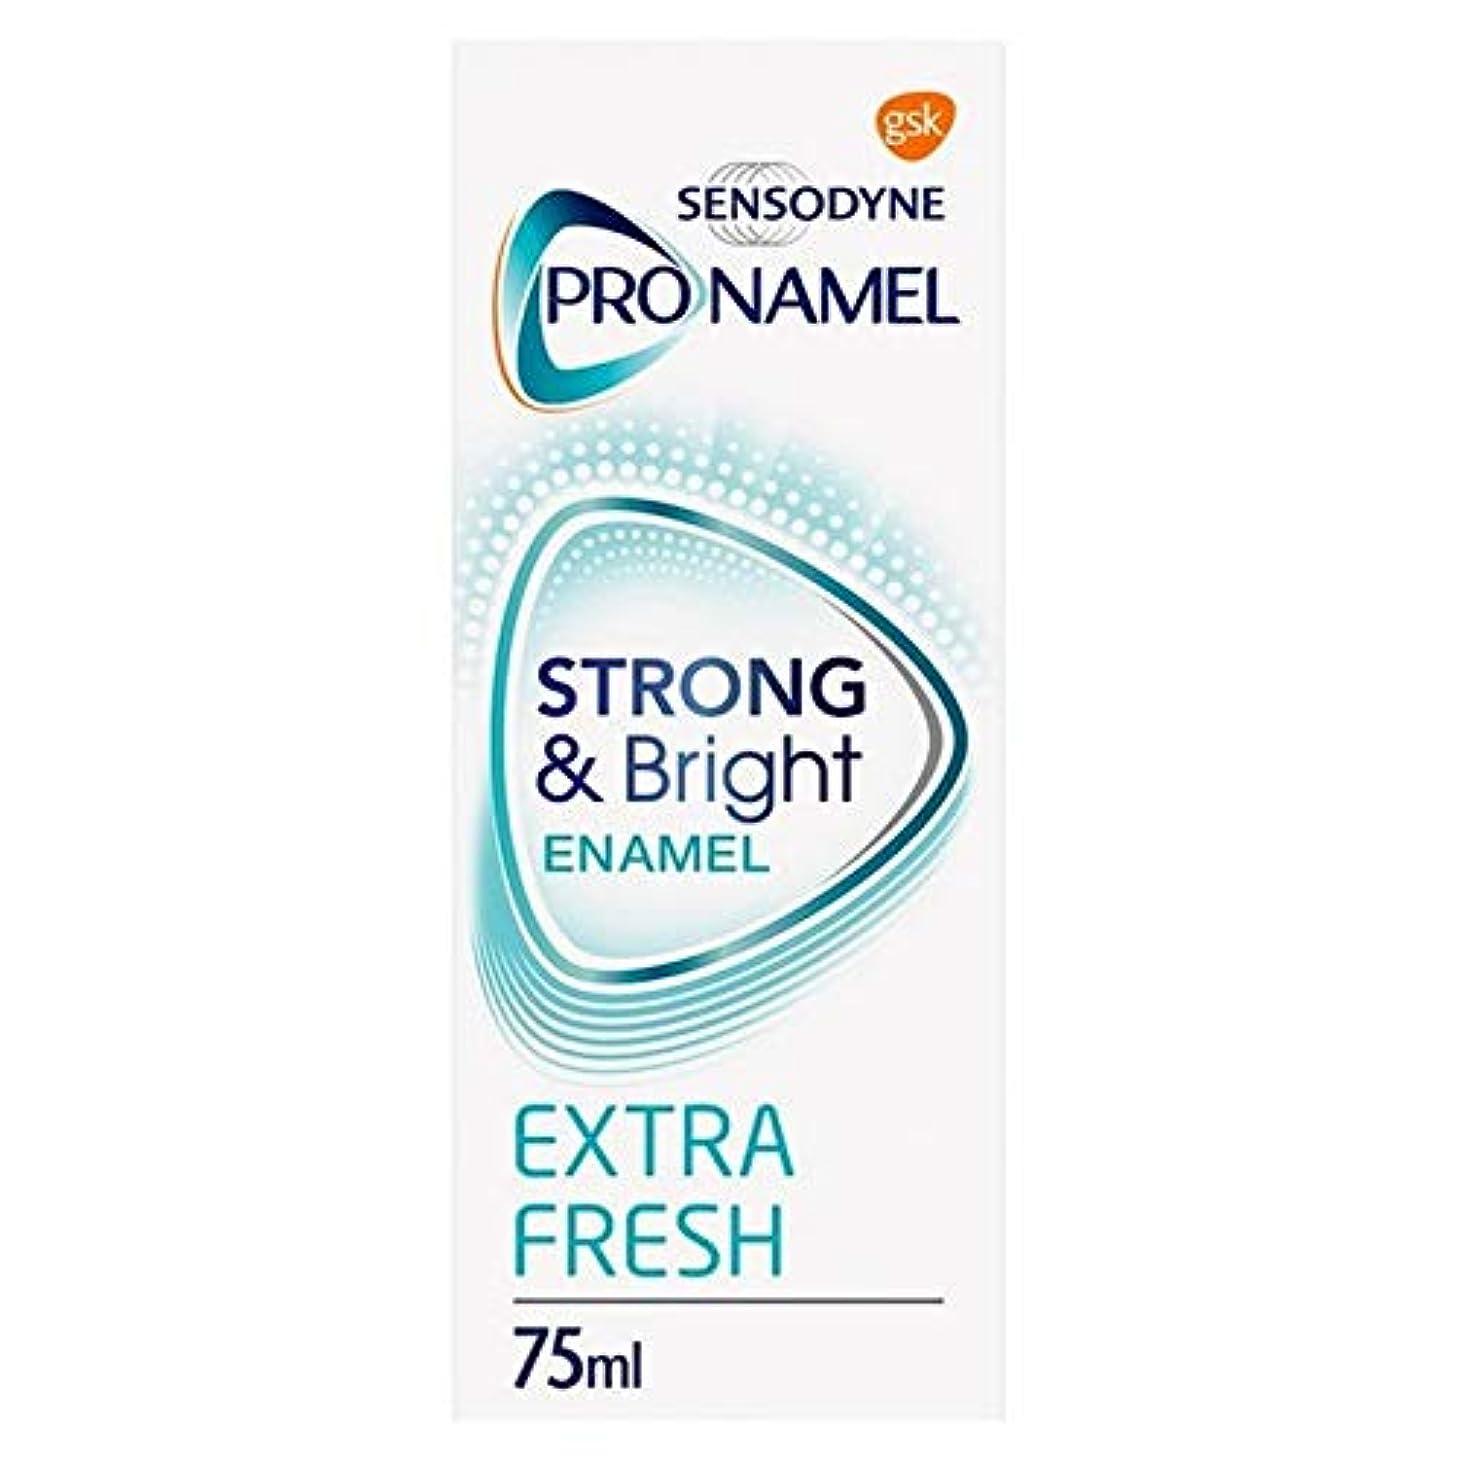 味あざ分析する[Sensodyne] SensodyneのPronamel強い&ブライト歯磨き粉75ミリリットル - Sensodyne Pronamel Strong & Bright Toothpaste 75ml [並行輸入品]